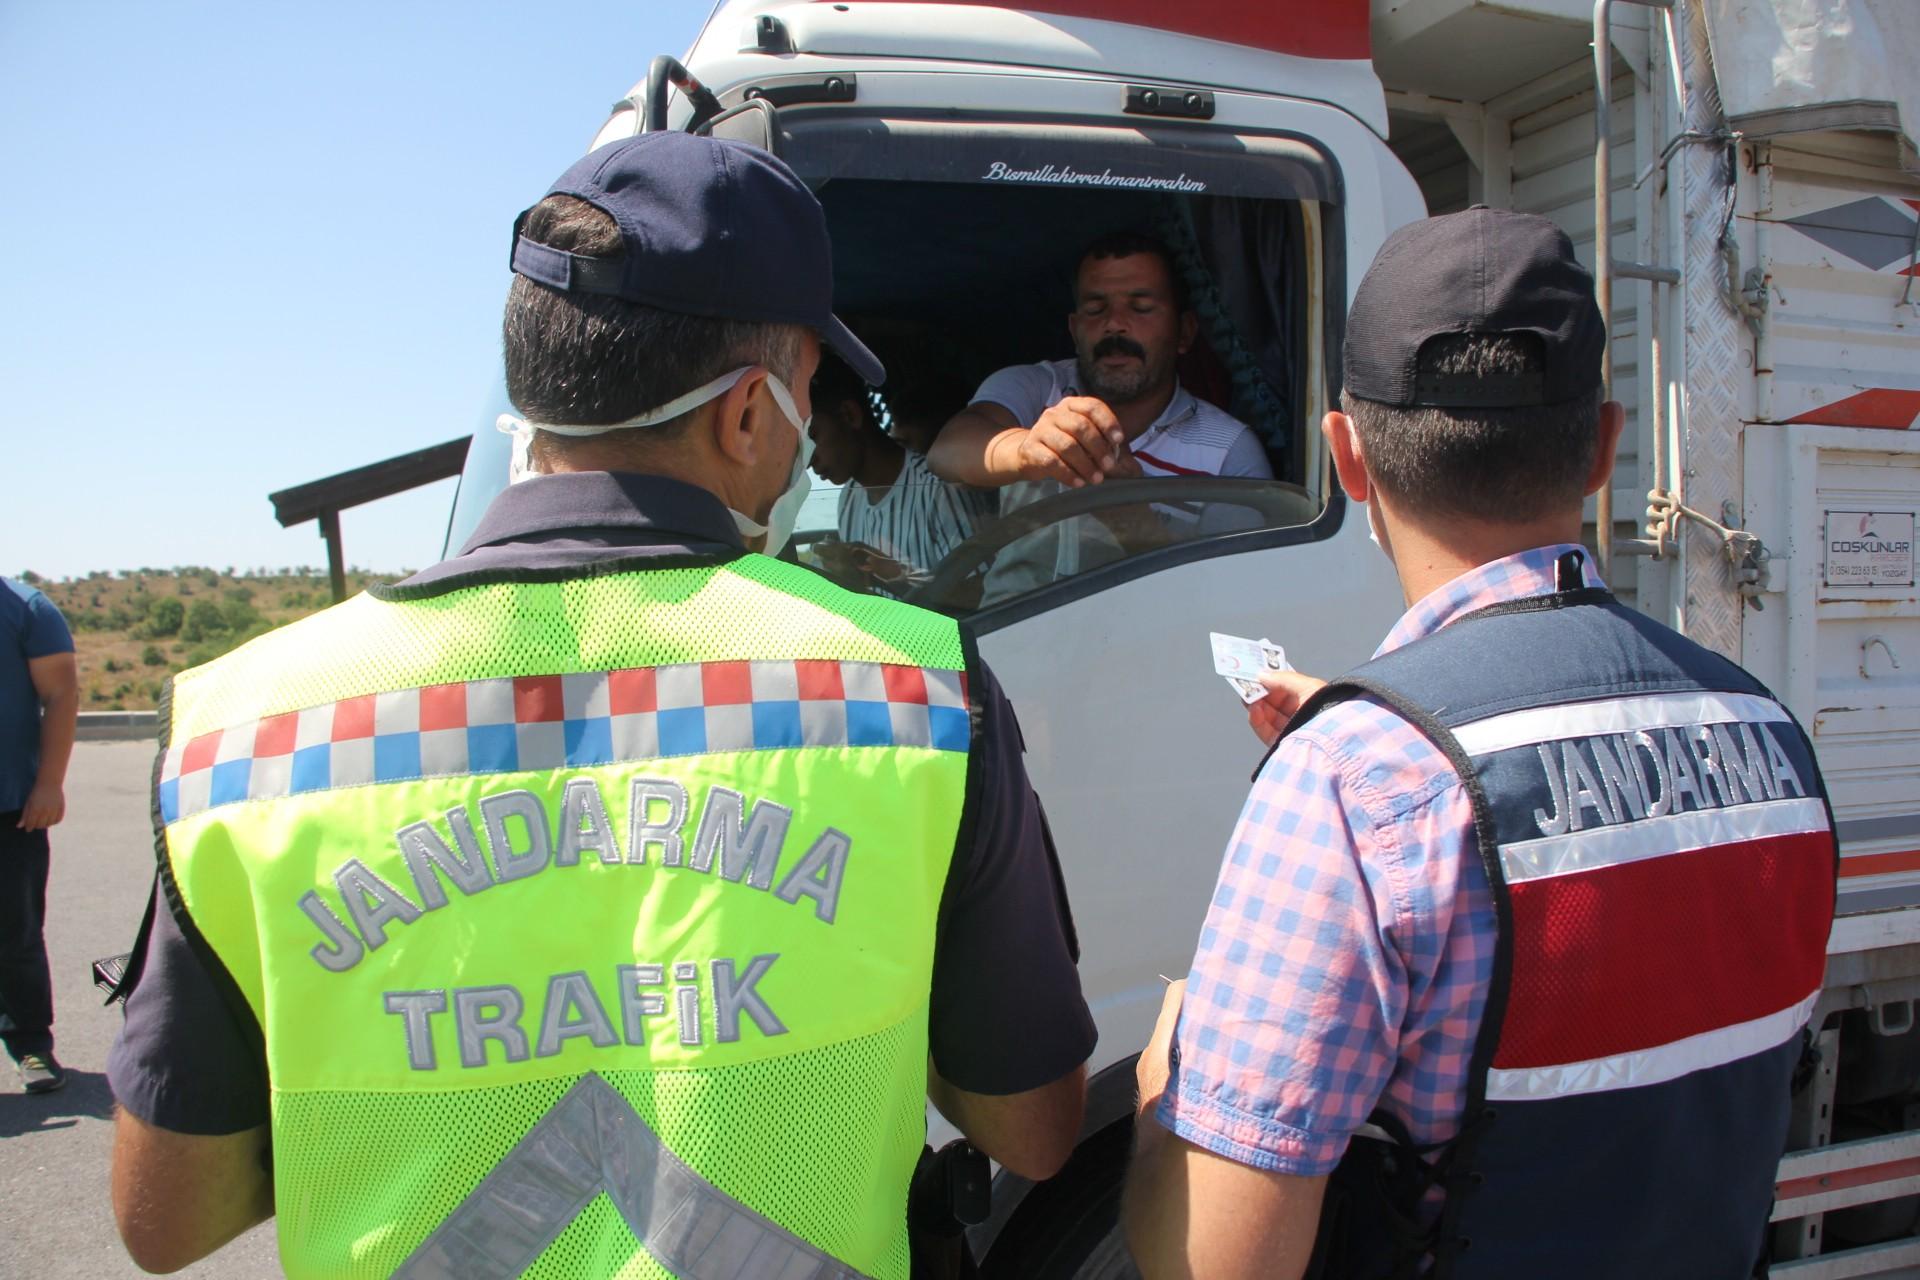 Kuzey Marmara Otoyol'unda denetimler sıkı